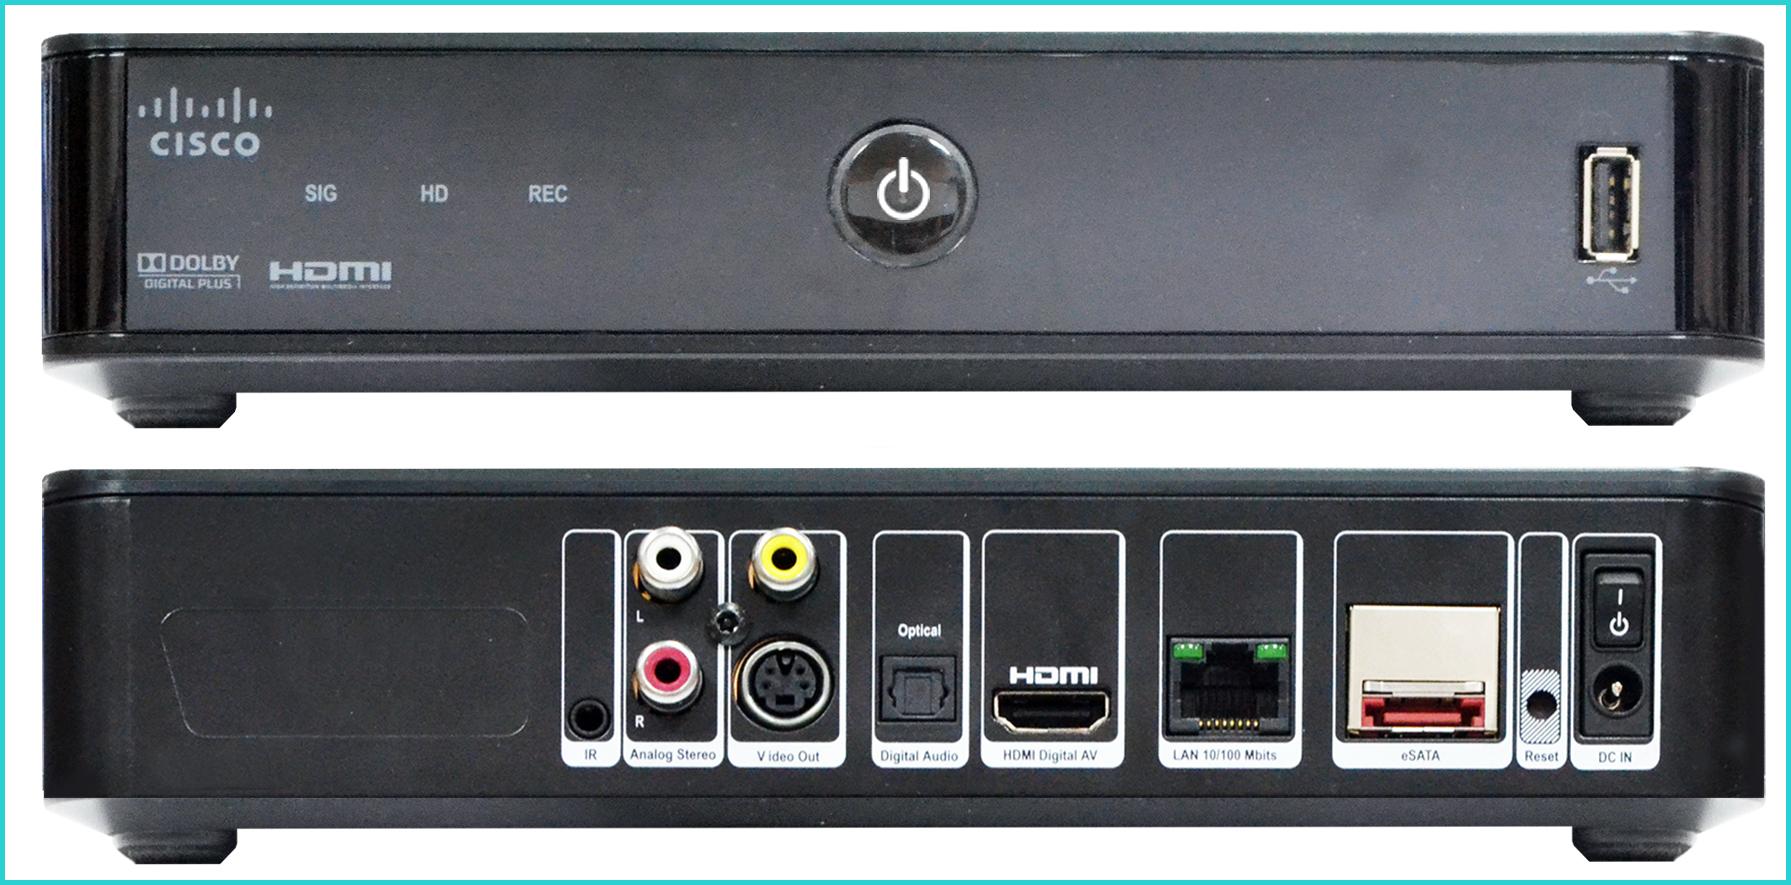 Рассмотрим описание разъёмов на примере распространённой ТВ-приставки Cisco 2230